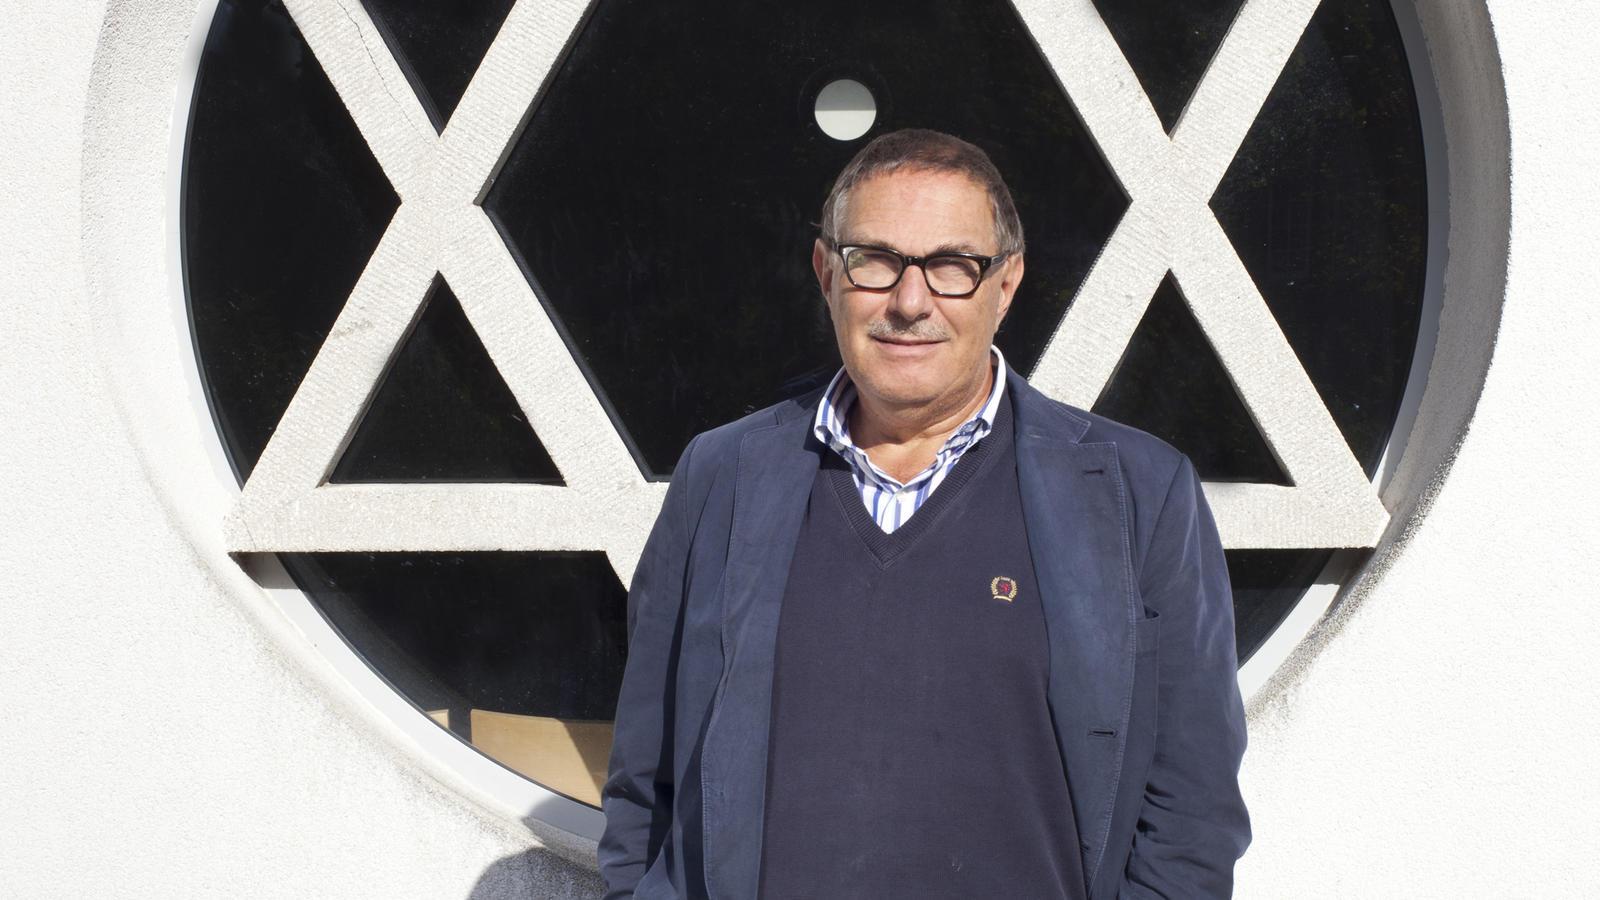 Alfred Jacoby ist der Vorsitzende der Jüdischen Gemeinde in Offenbach.